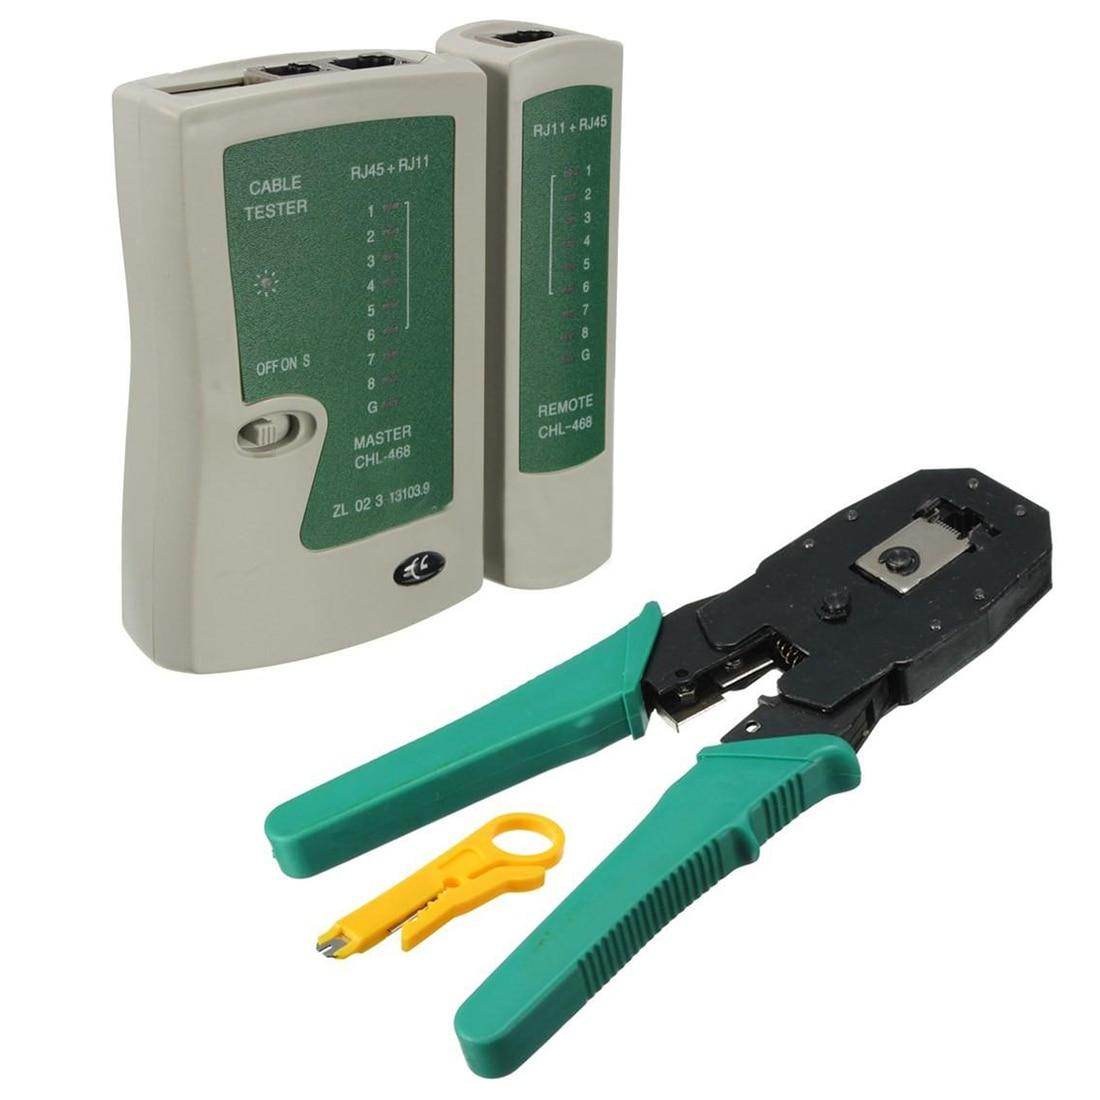 Probador de Cable de red profesional Lan rj45 rj11 con Cable de alambre crimpar Herramientas de mano de red PC Herramientas de mano